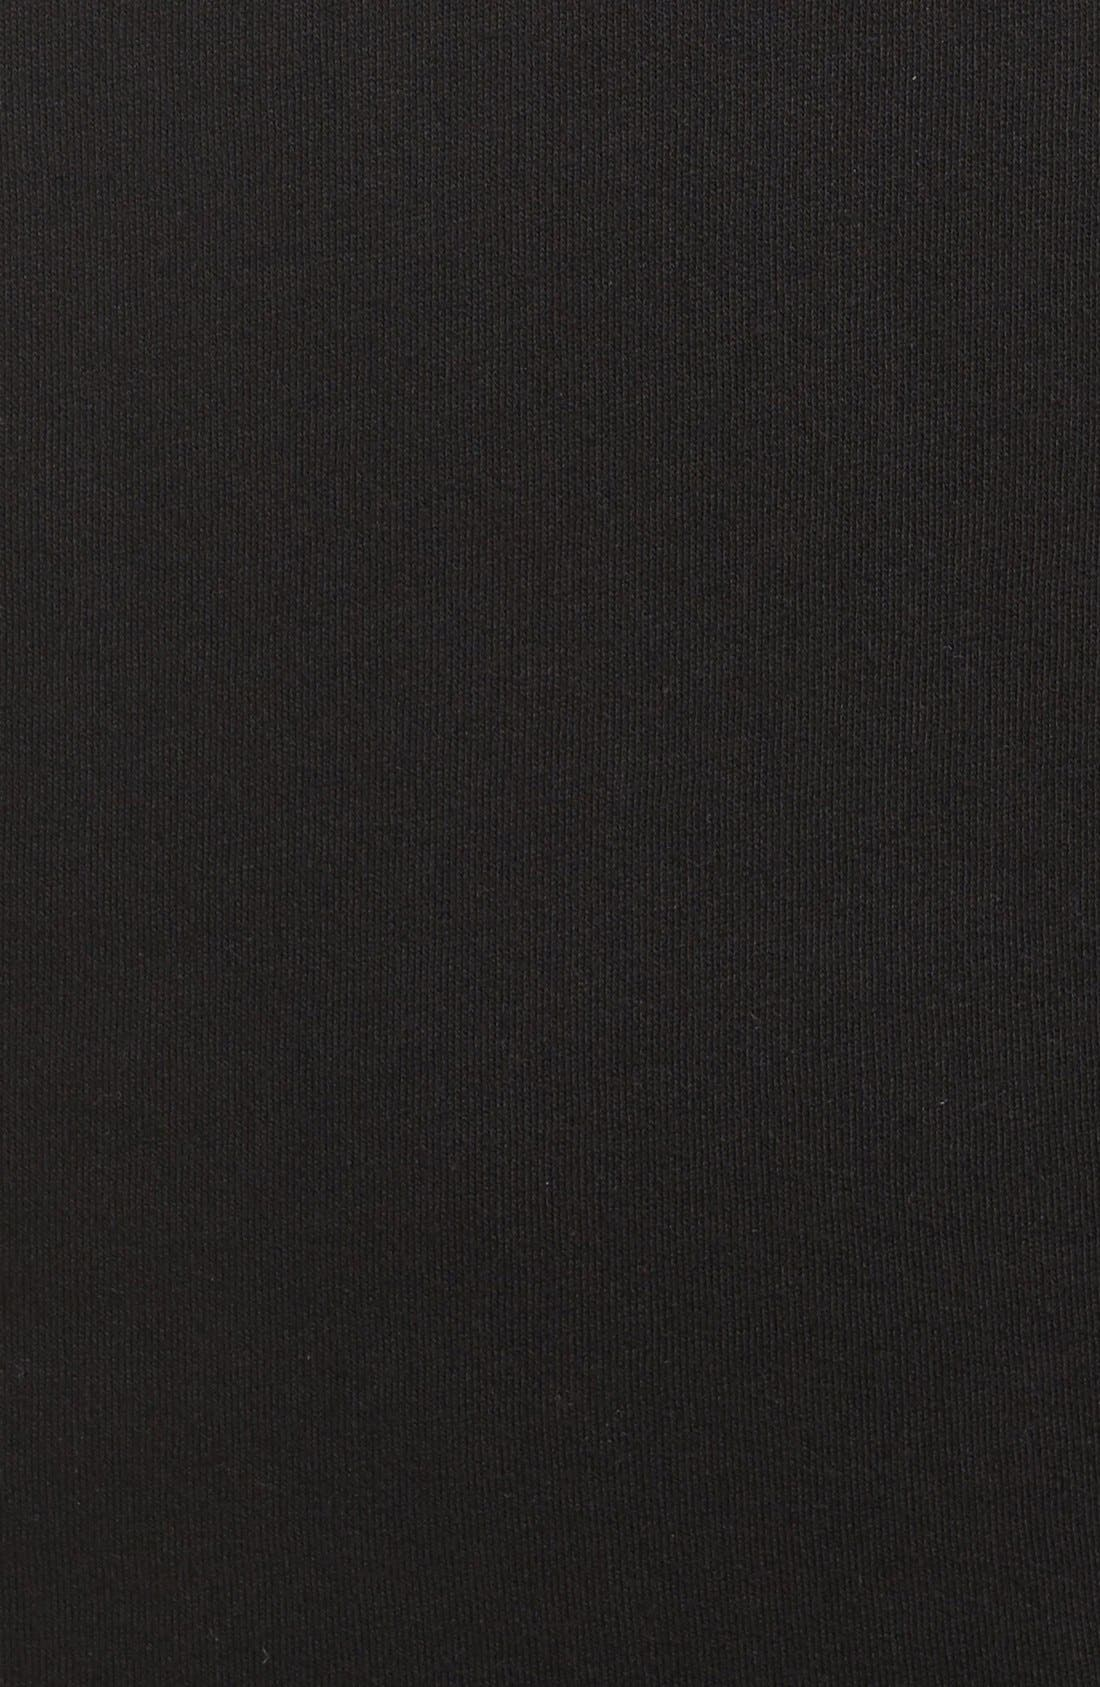 BRUNETTE THE LABEL, 'Babes Who Brunch' Crewneck Sweatshirt, Alternate thumbnail 5, color, 001